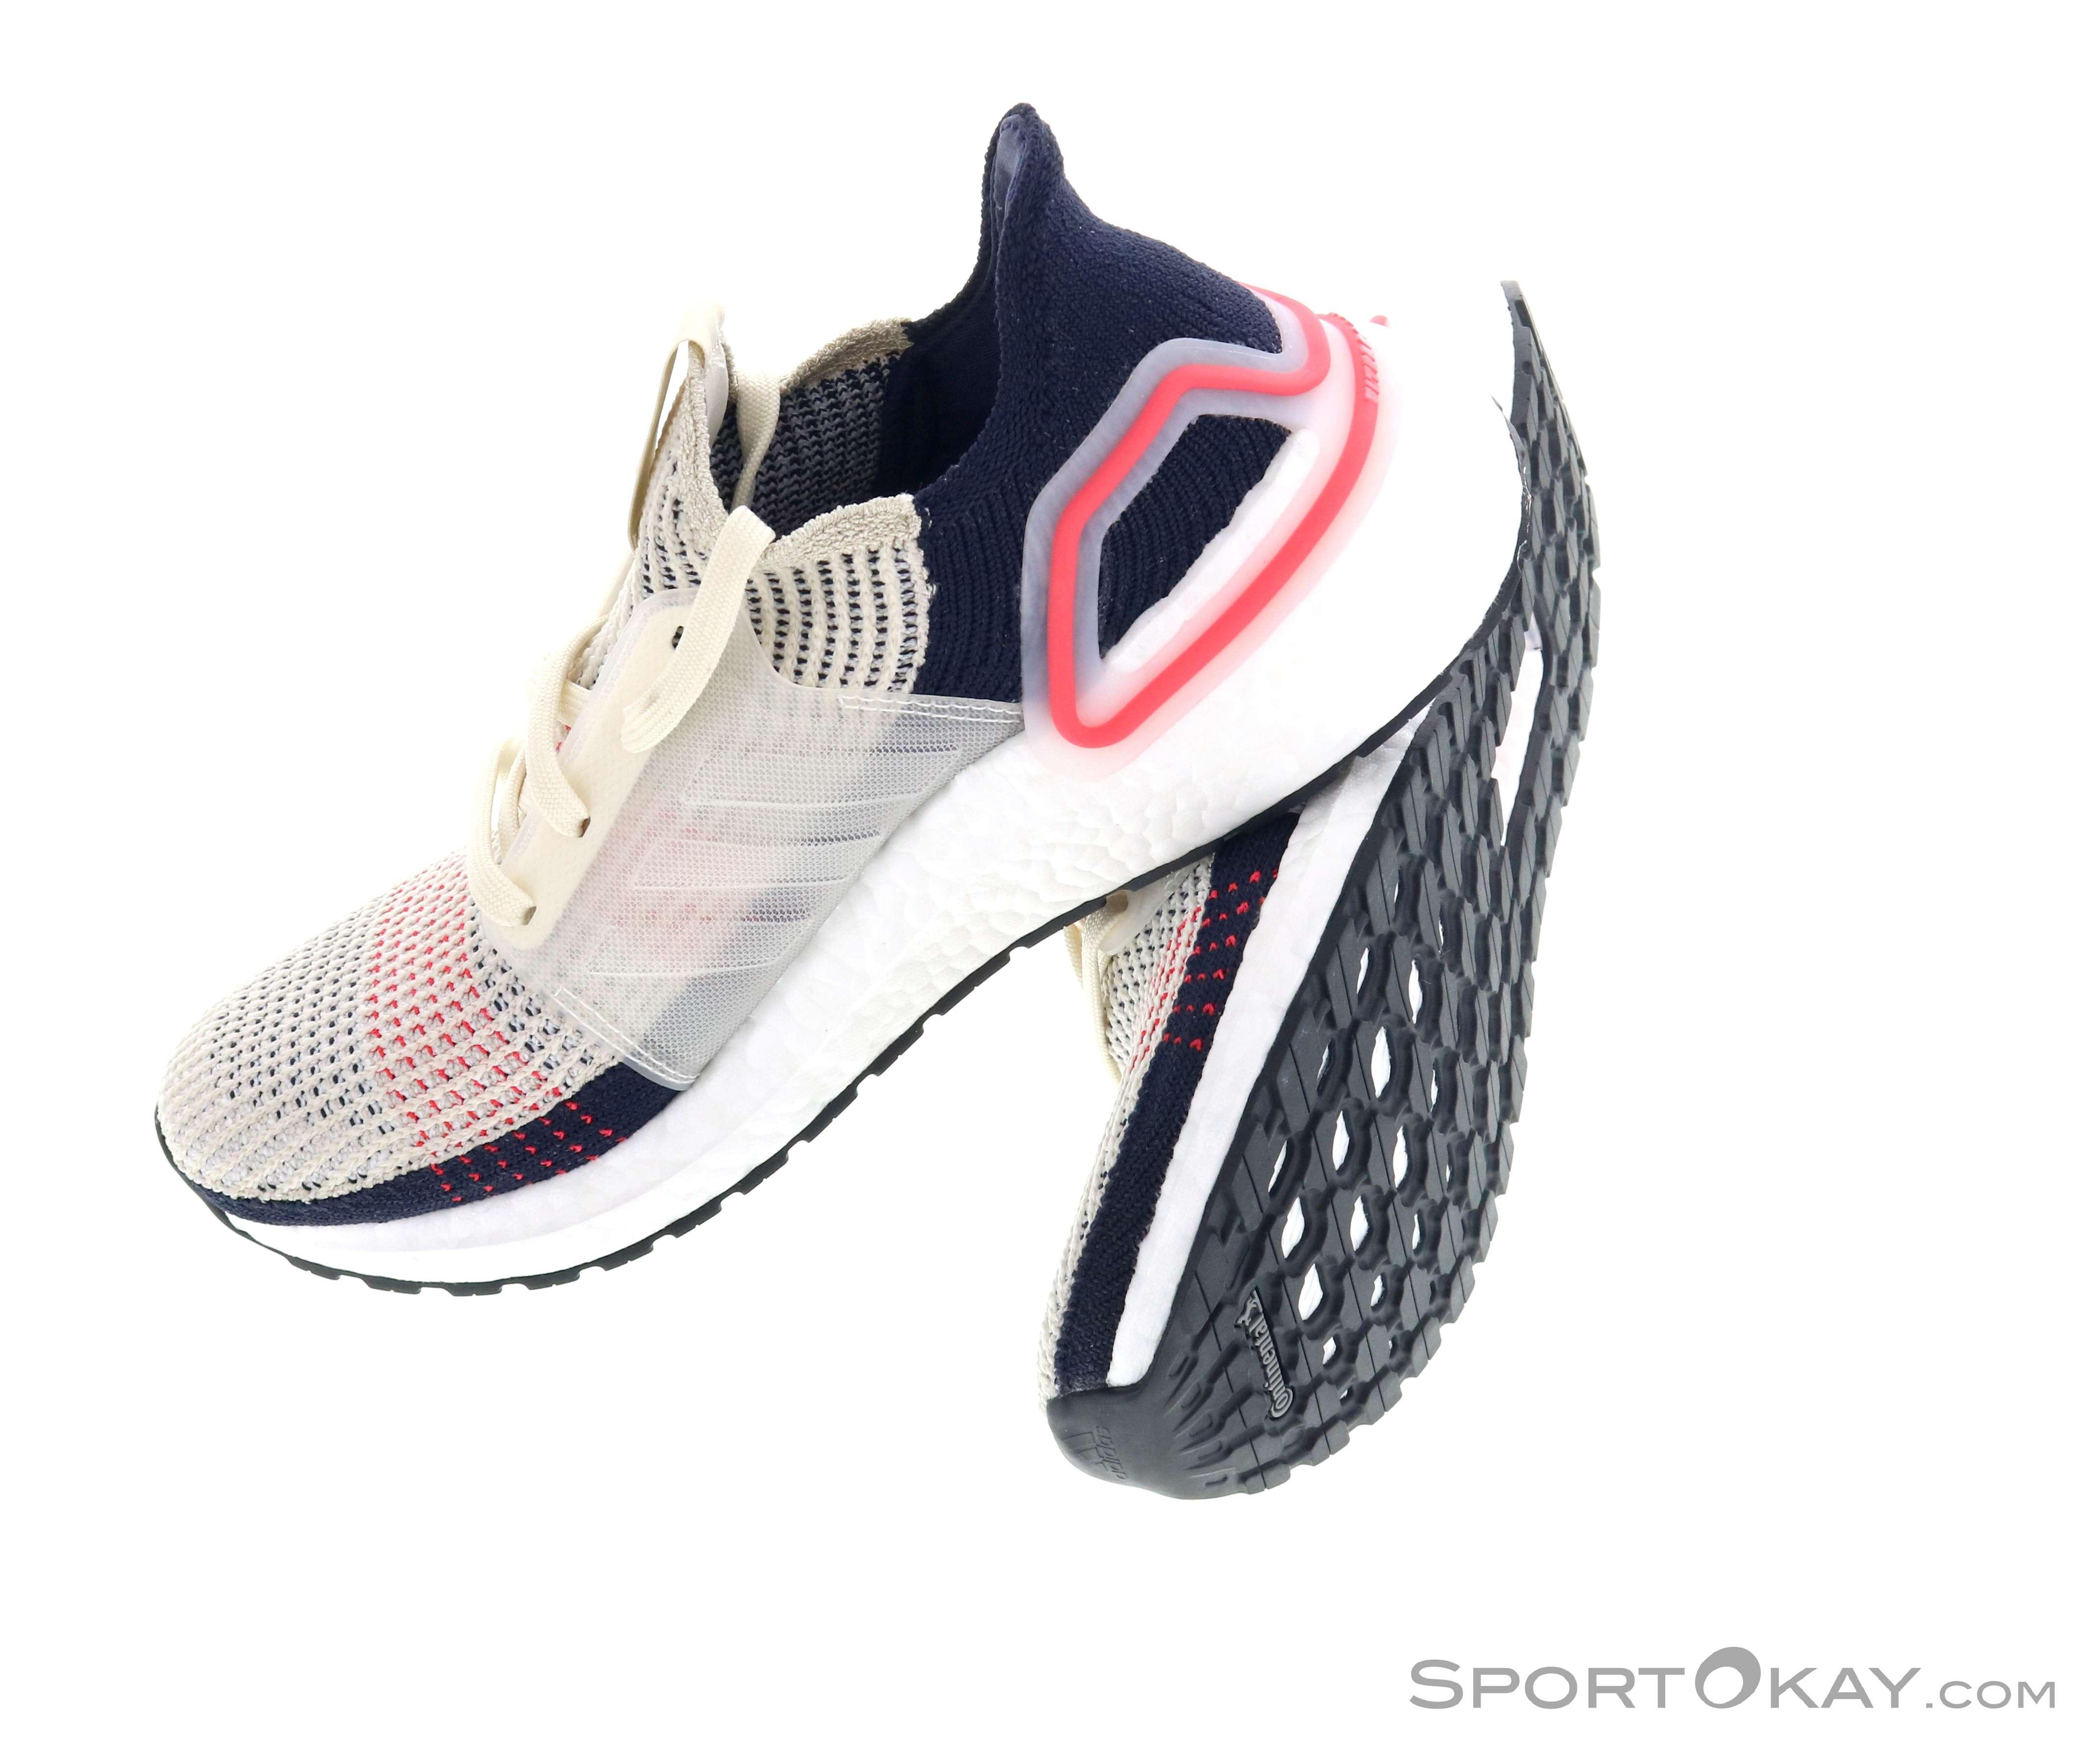 adidas Ultra Boost 19 Damen Laufschuhe Weiss 4 ab 117,44